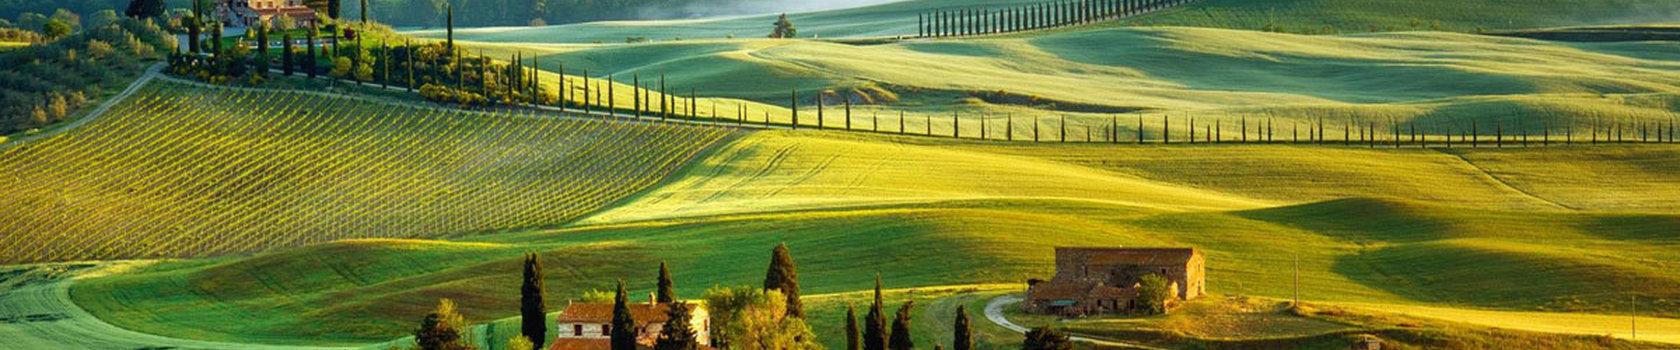 Italy 1